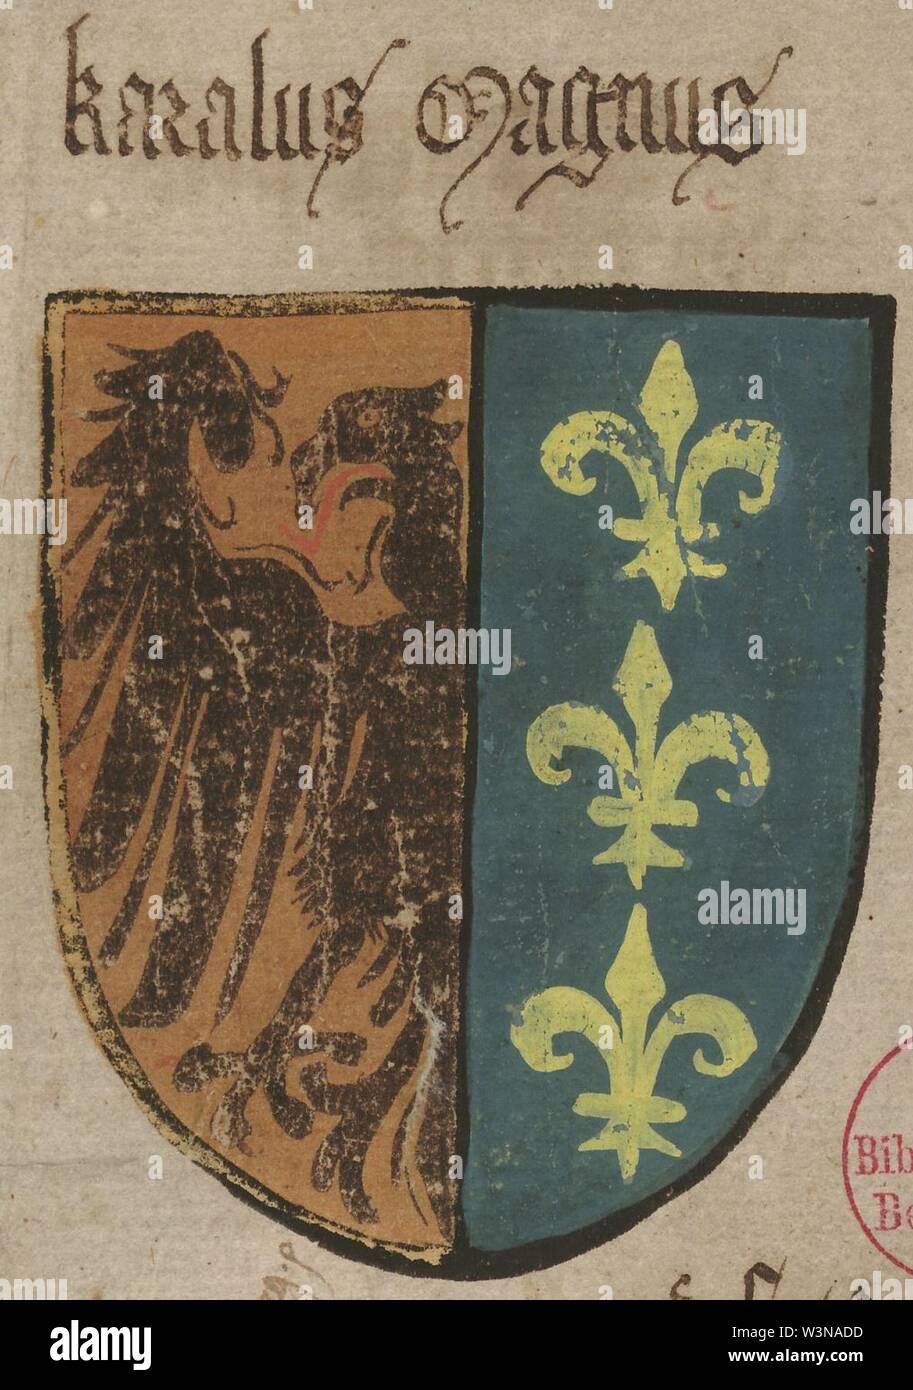 Coat of arms karl der grosse. - Stock Image